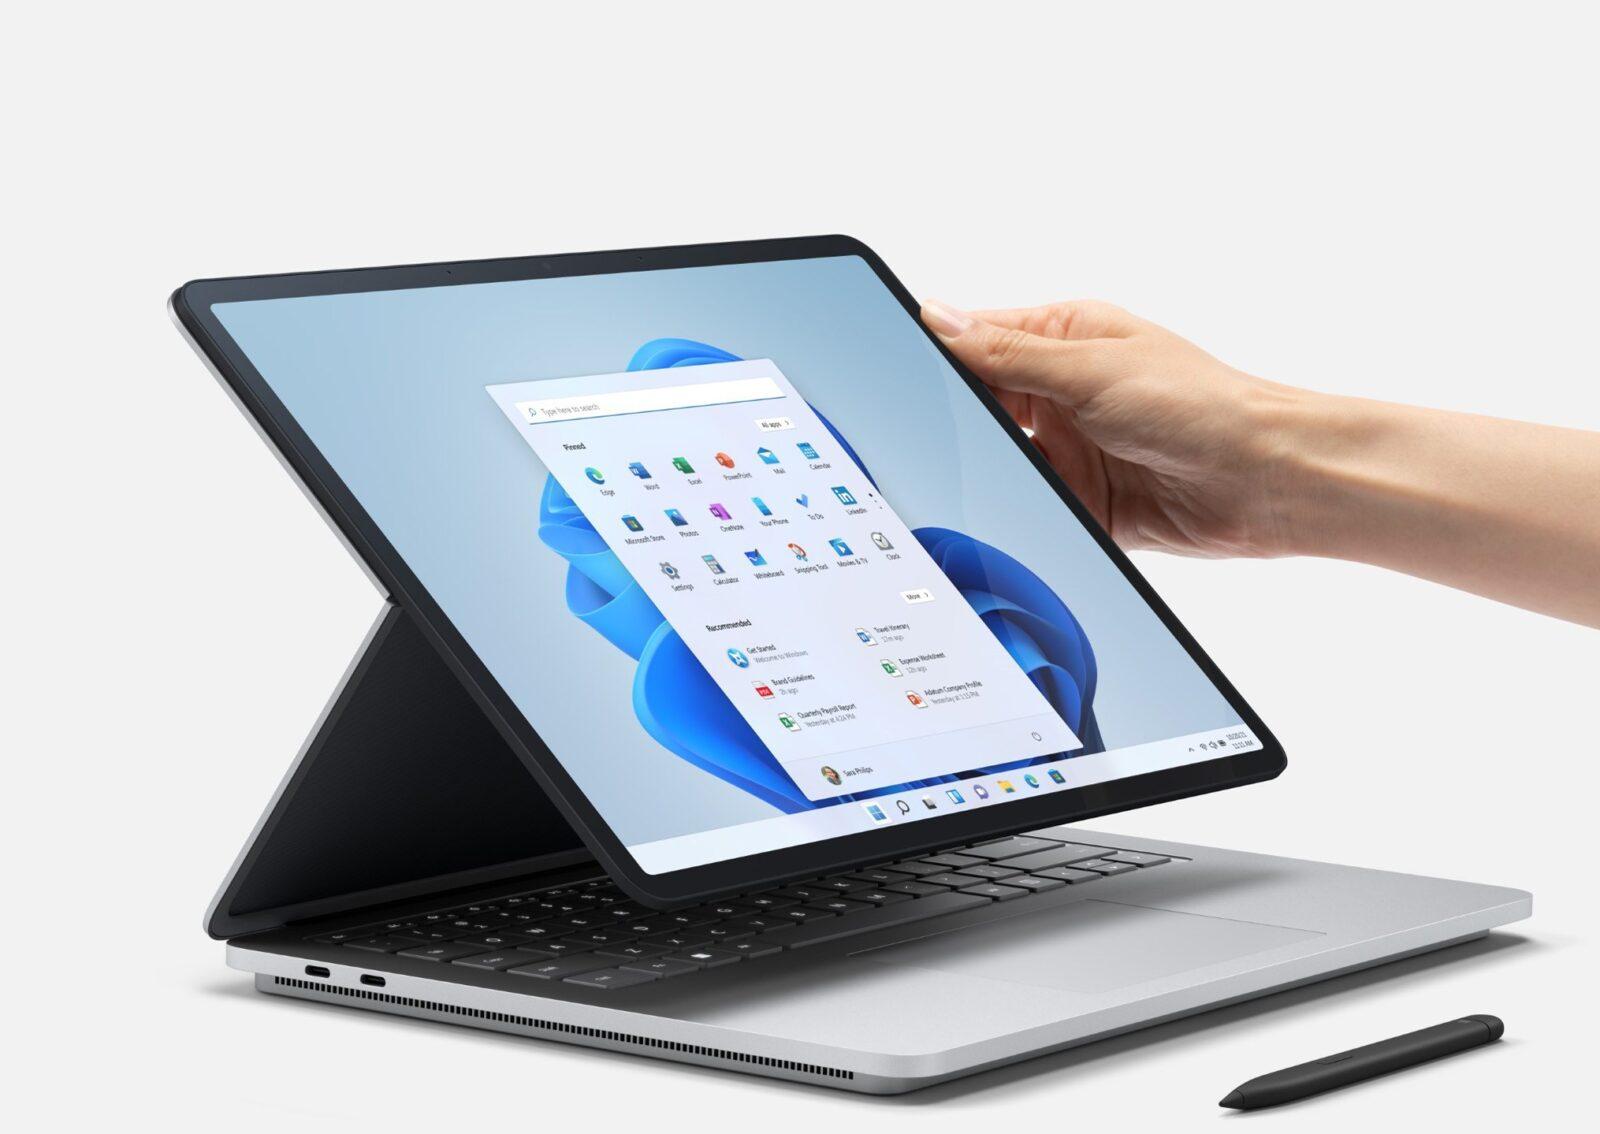 Surface Laptop Studio - новый мощный флагманский ноутбук Microsoft (surface laptop studio adjusting under embargo until september 22)